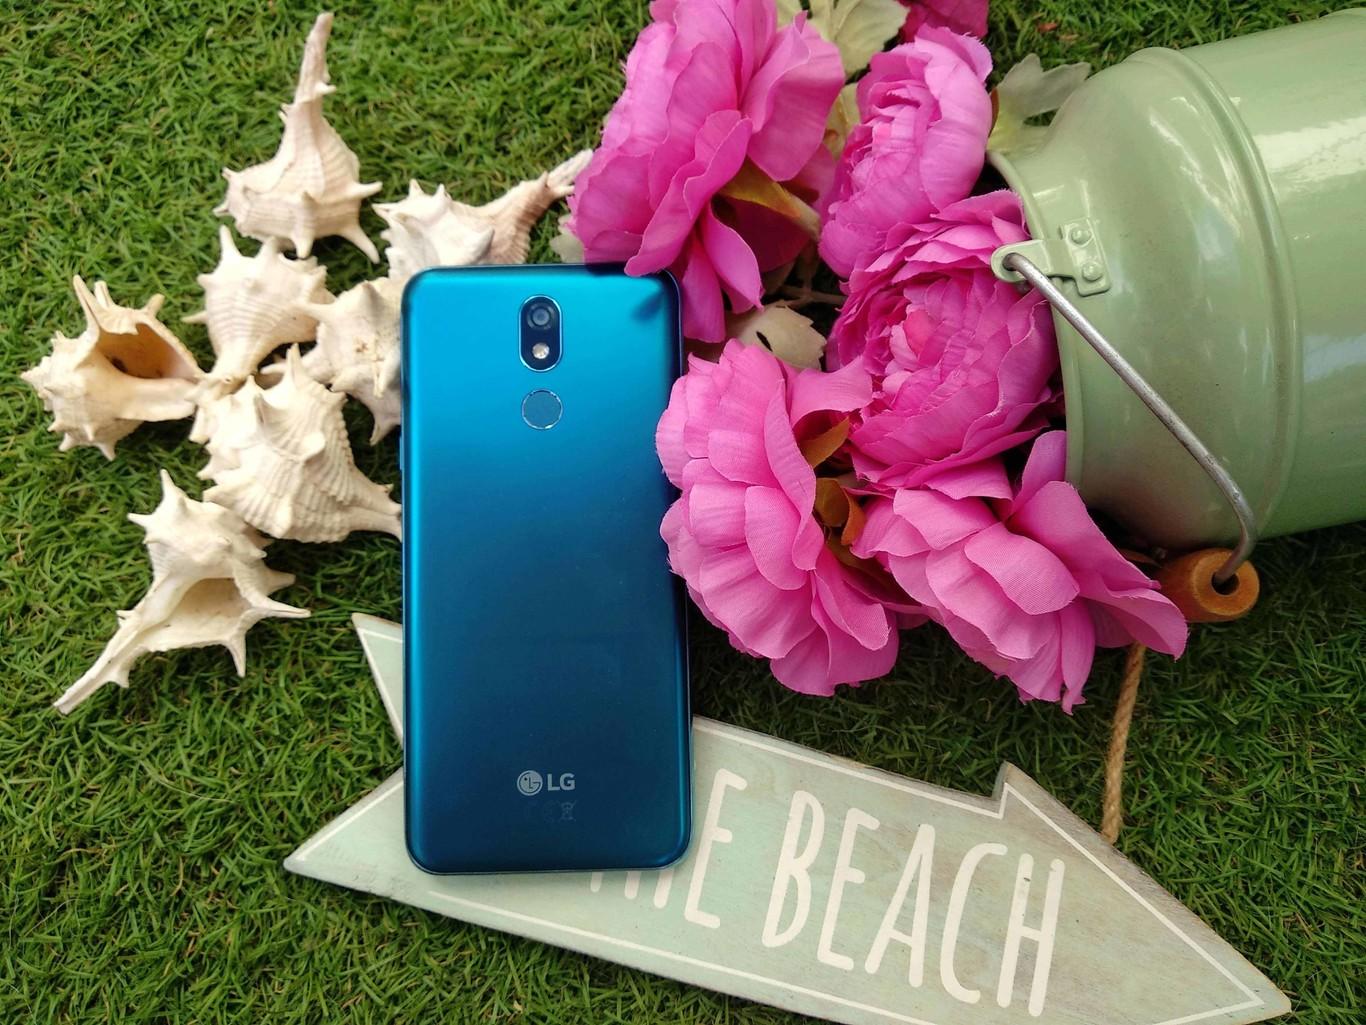 ca524aa52d0 LG K40 análisis: review con características, precio y especificaciones